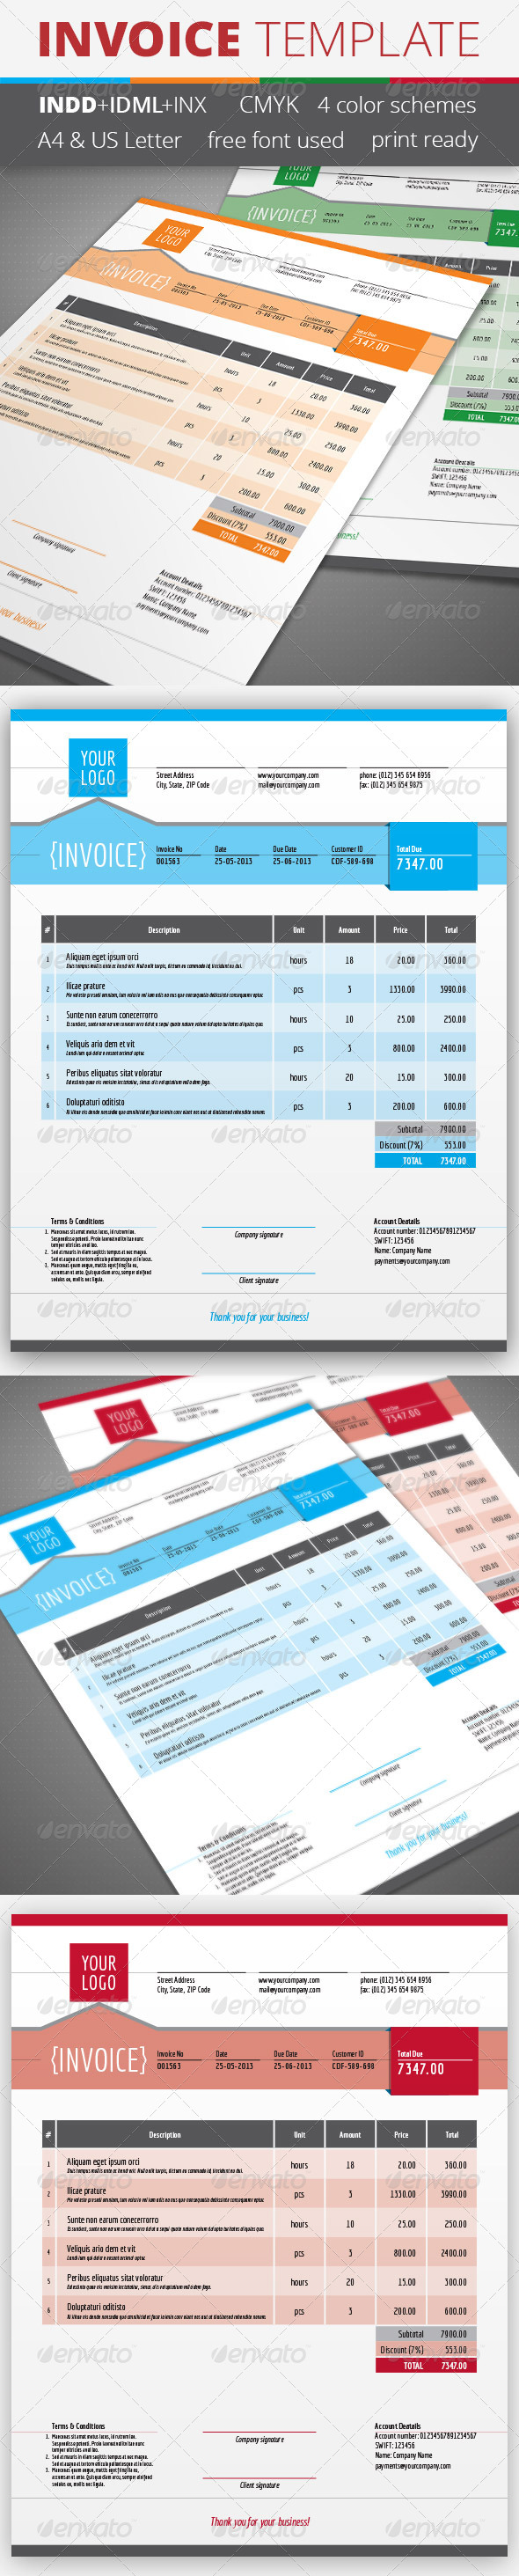 GraphicRiver Invoice Template 4640741